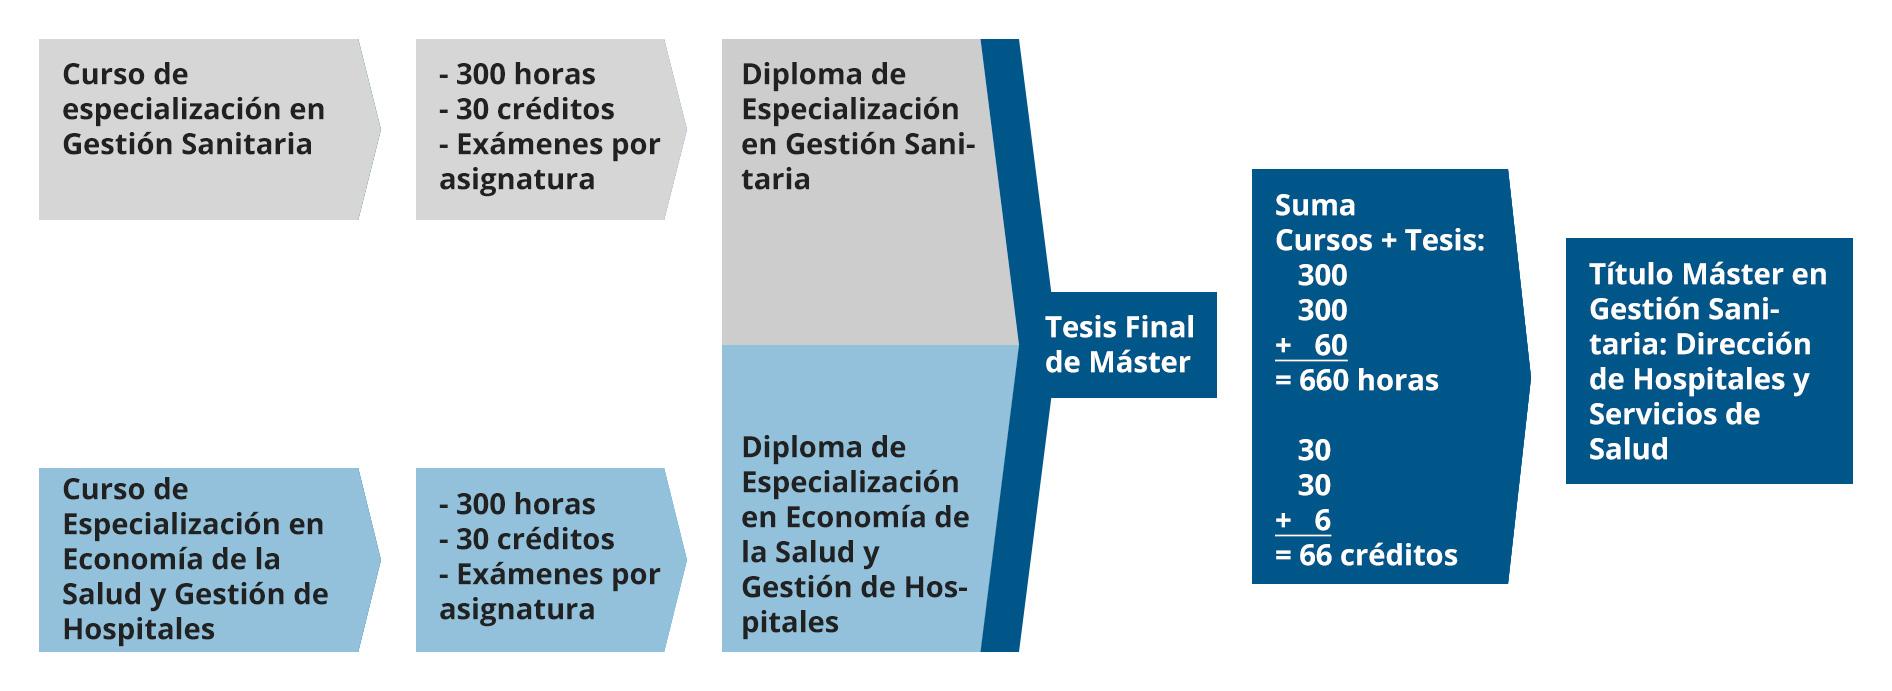 Diagrama completo del Máster en Gestión Sanitaria. Dirección de Hospitales y Servicios de Salud